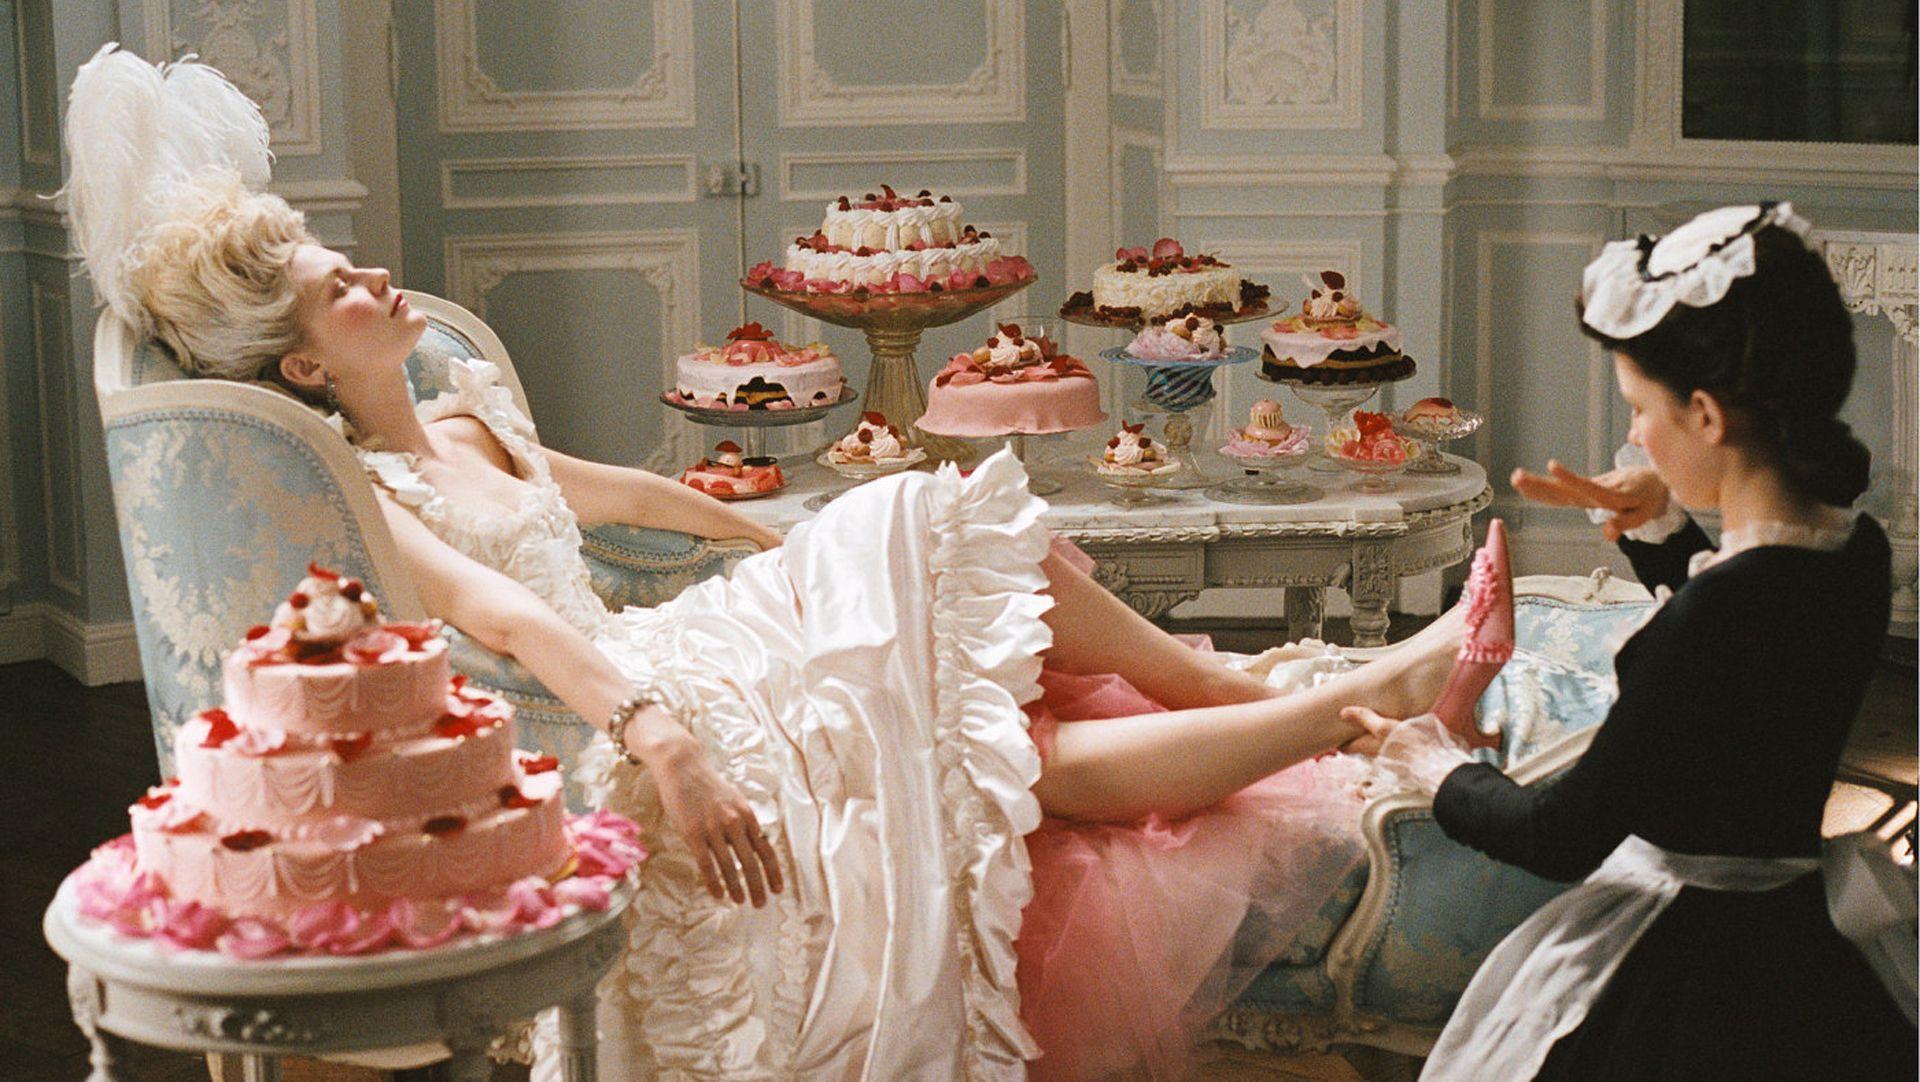 How to Create a Decadent Celebration à la Sofia Coppola's 'Marie Antoinette' - Party